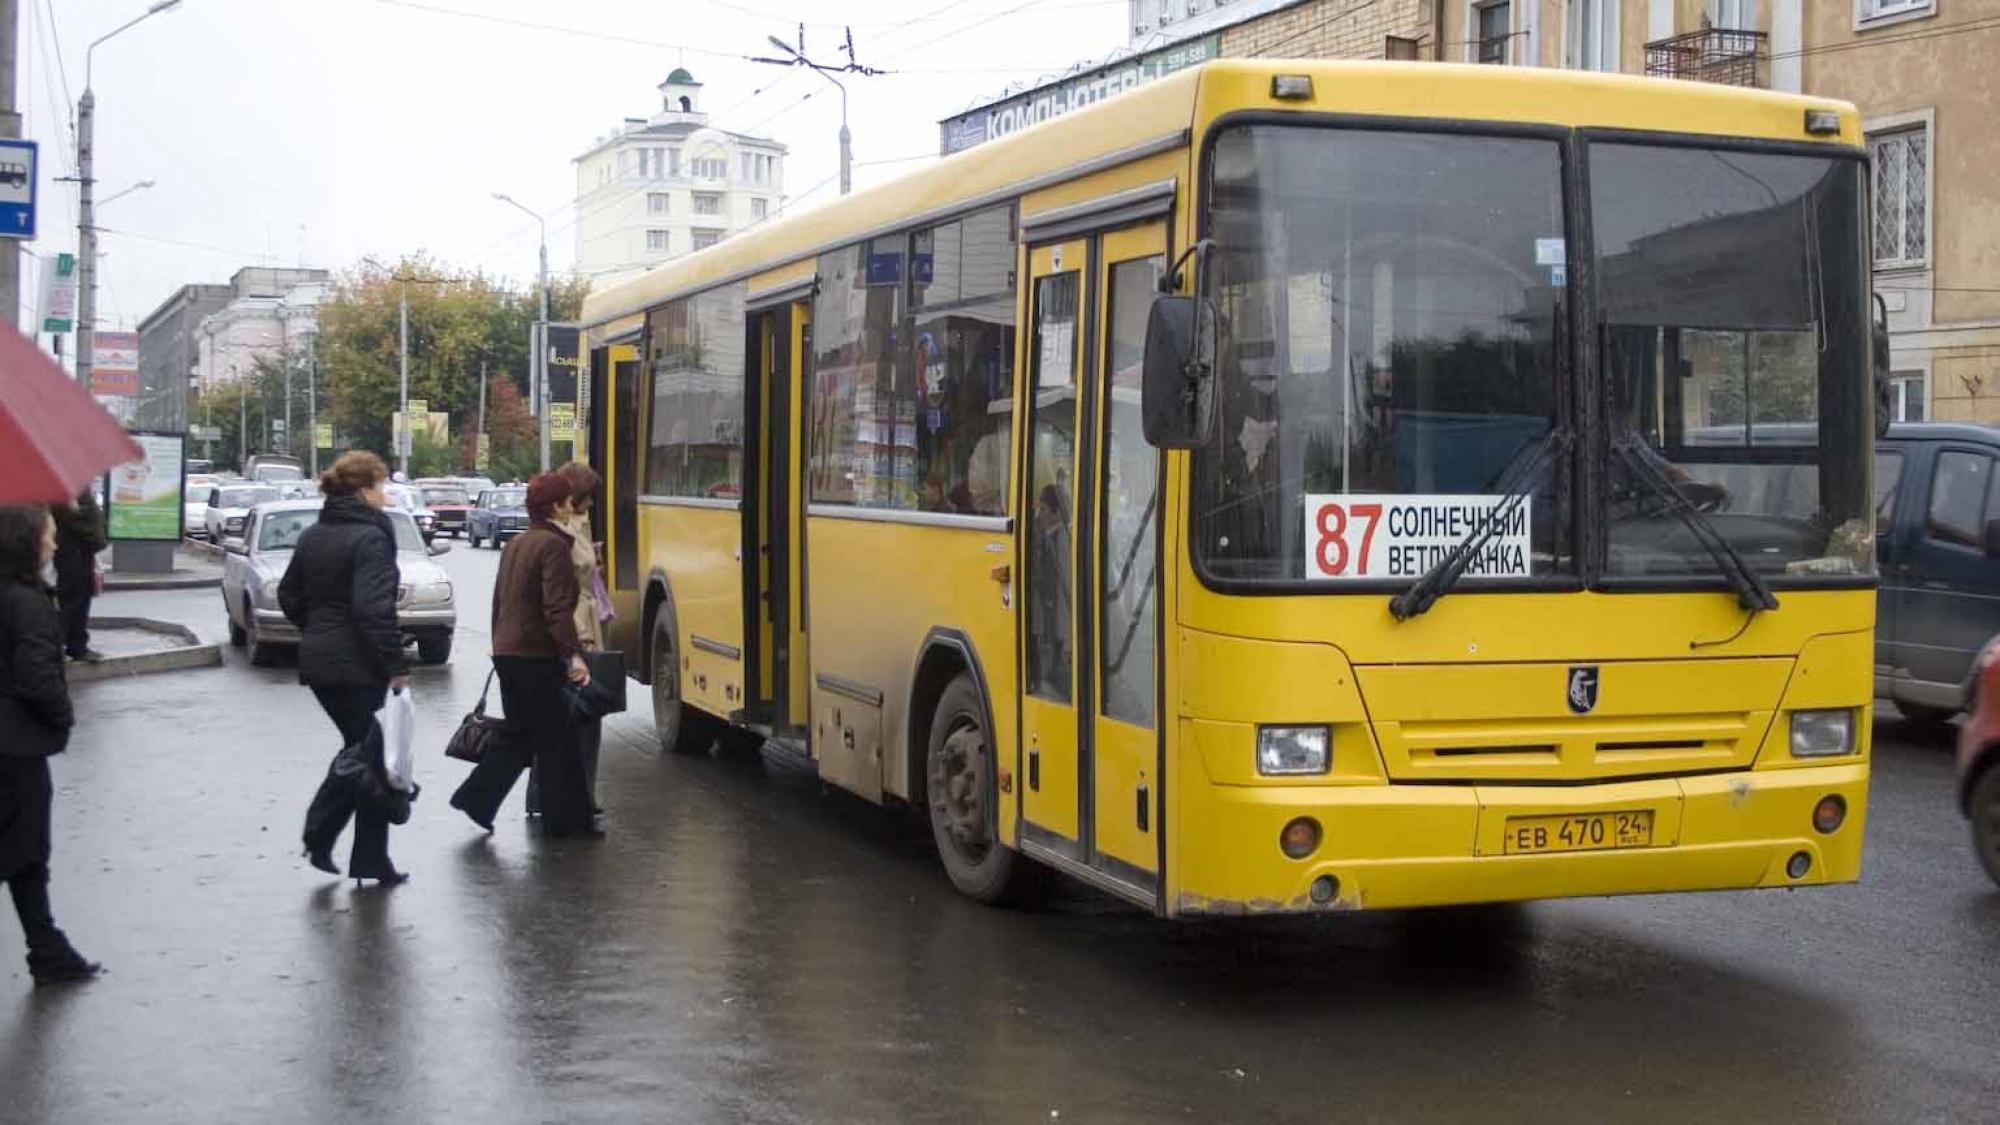 ВКрасноярске женщину с3-летним сыном зажало дверьми автобуса №85